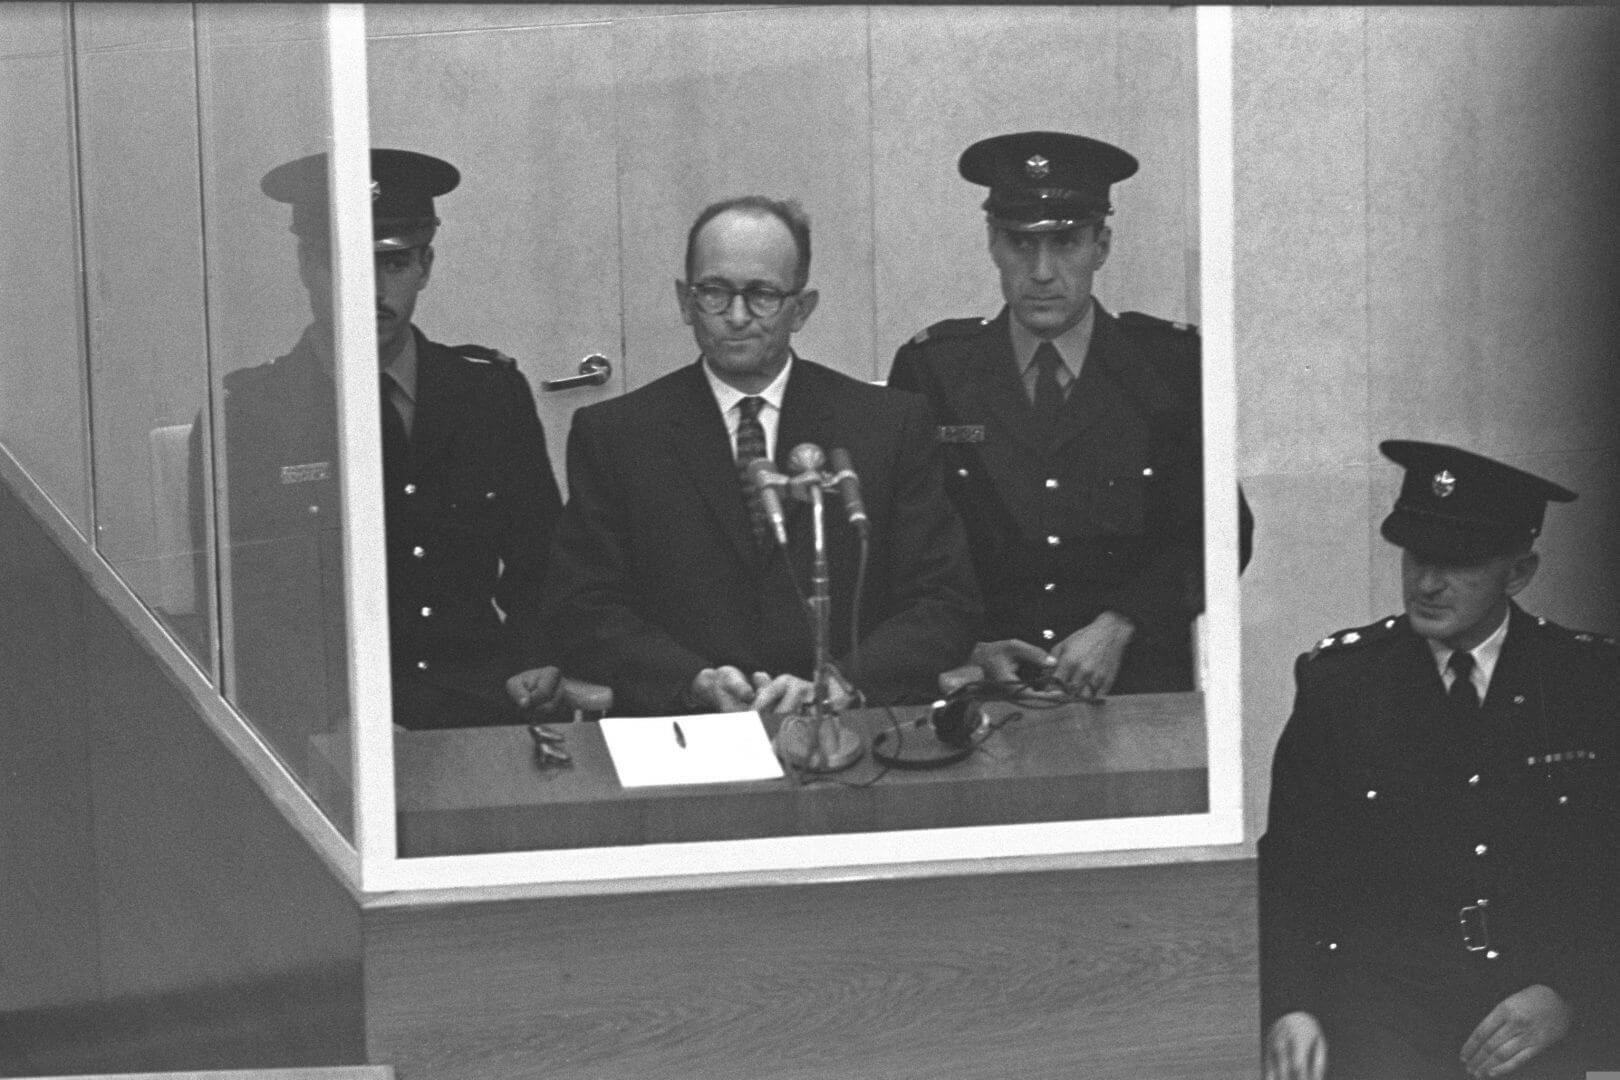 Адольф Эйхман на суде в Израиле в 1961 году / theglobeandmail.com